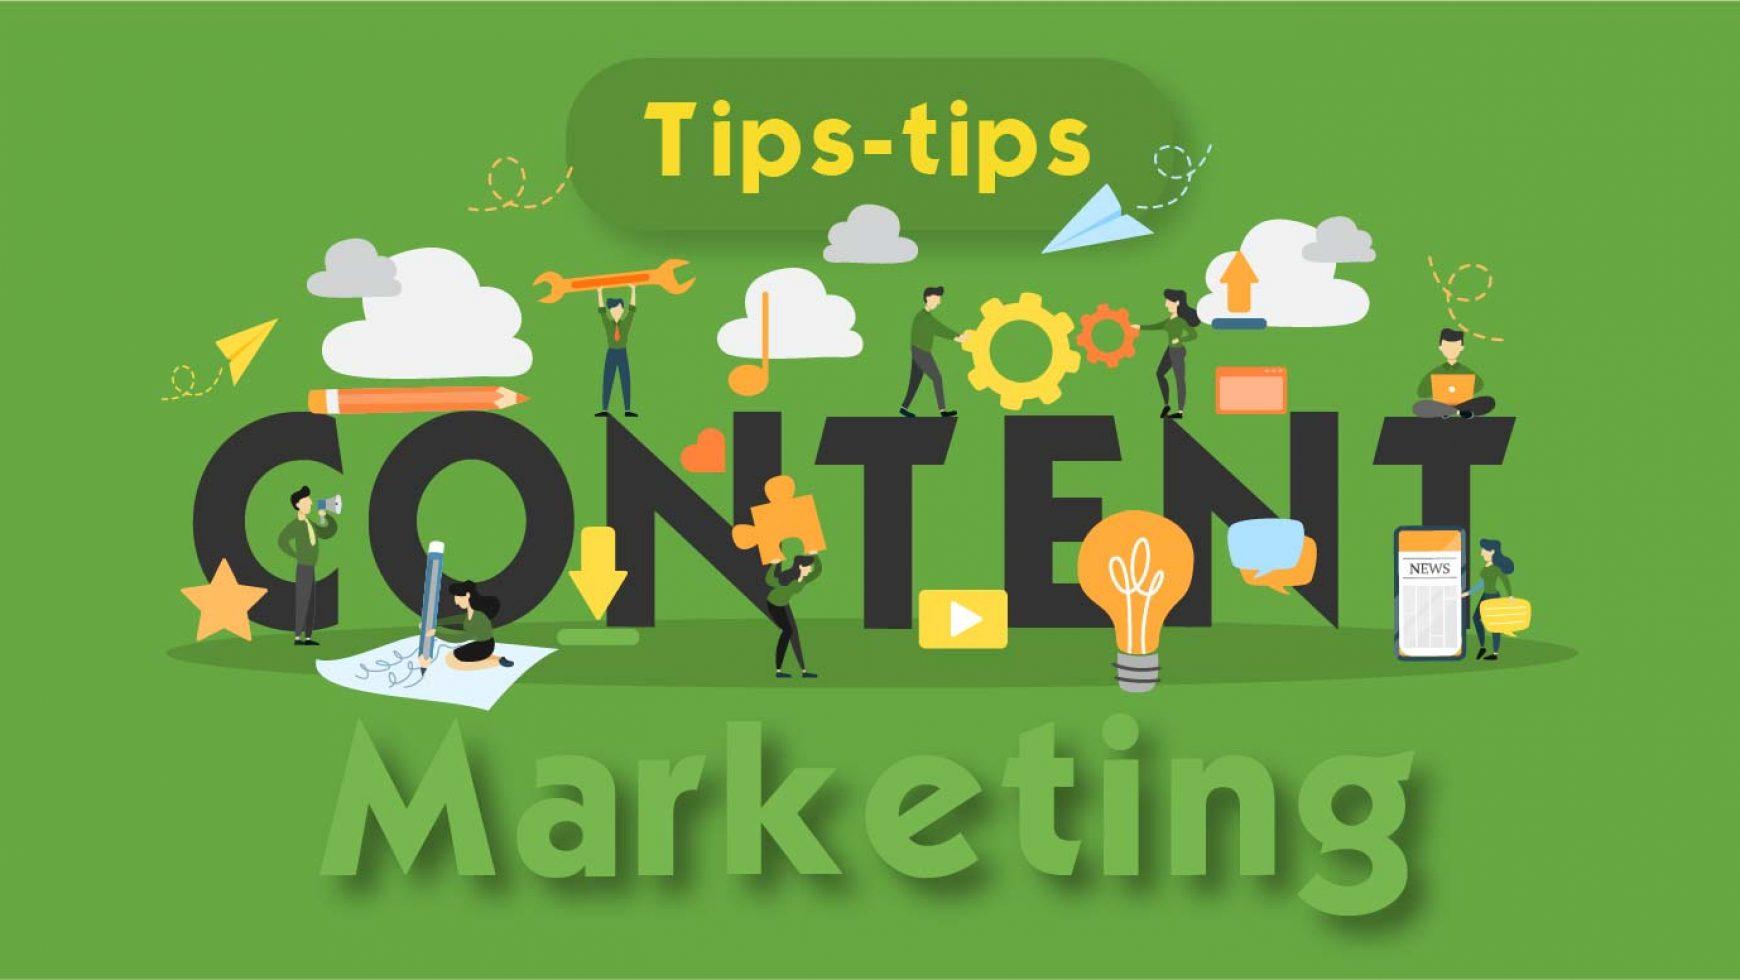 Apa Itu Content Marketing? Ini 5 Cara Membuatnya